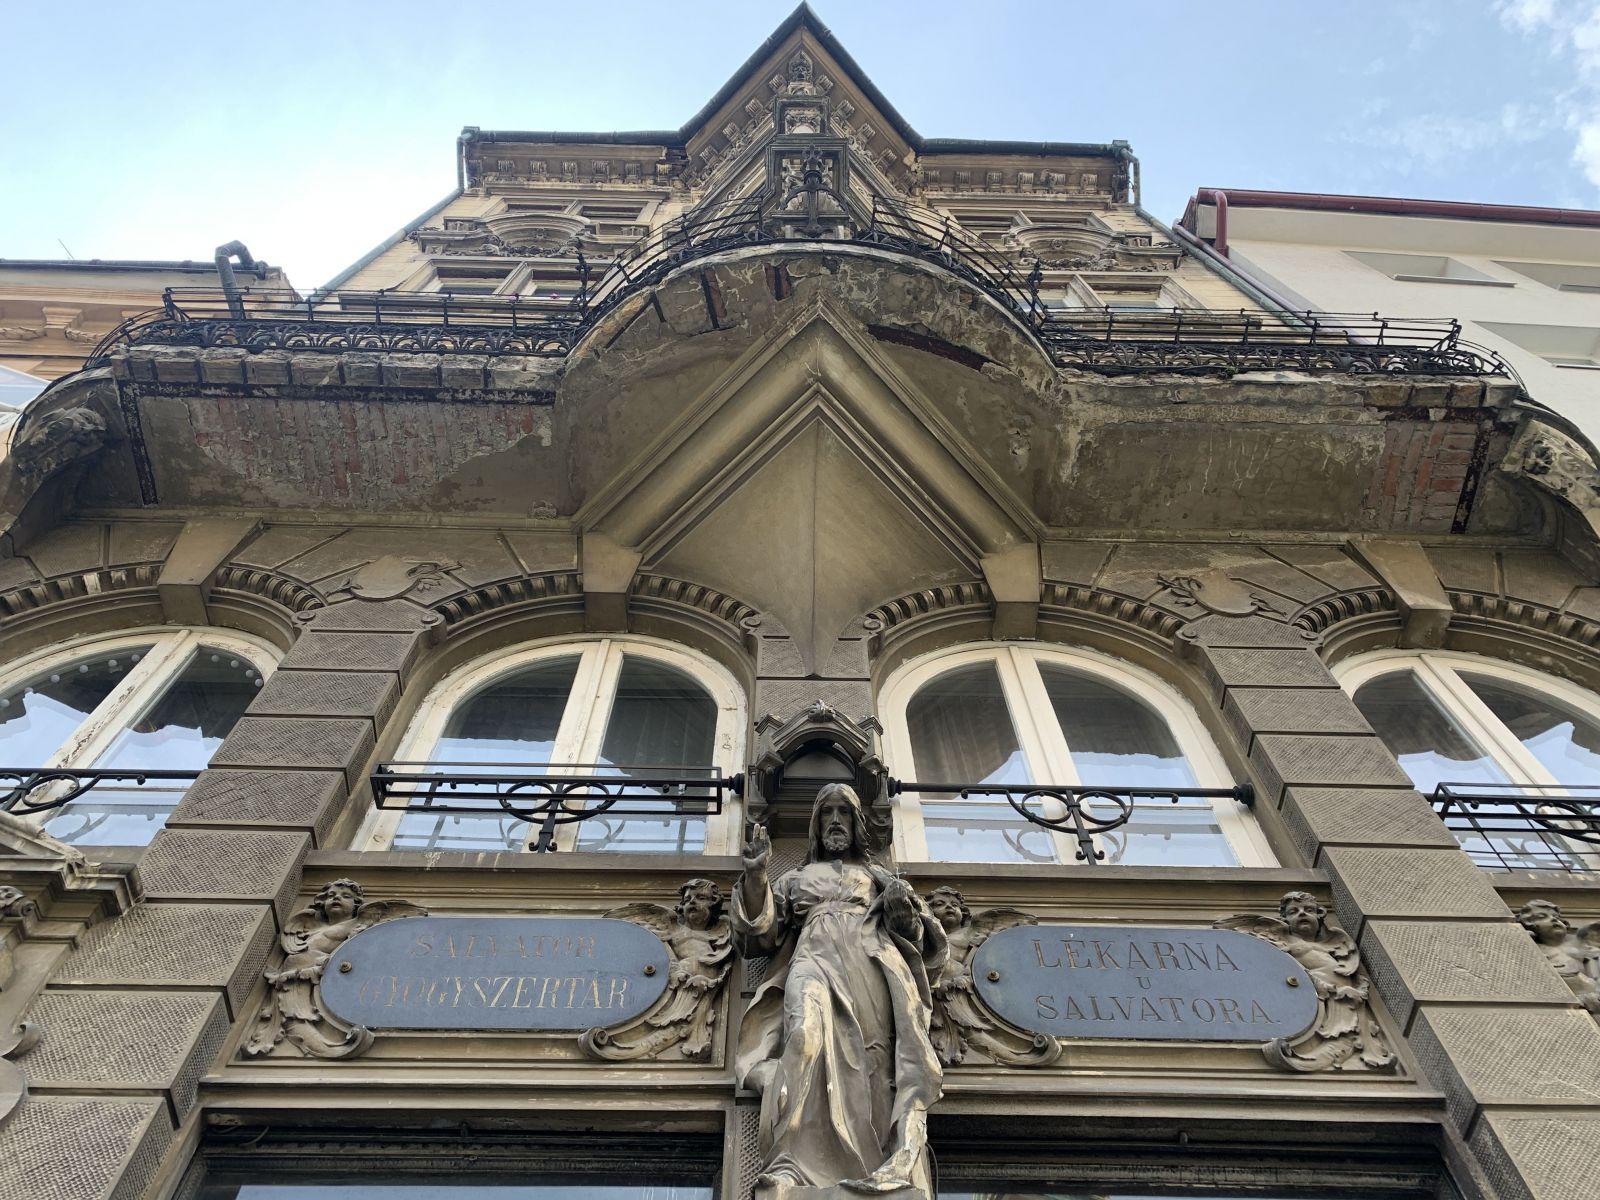 Prežila vojny, socializmus, no poznačili ju 90-te roky. 3,5-miliónový nábytok lekárne sa možno vráti do Bratislavy (Reportáž)